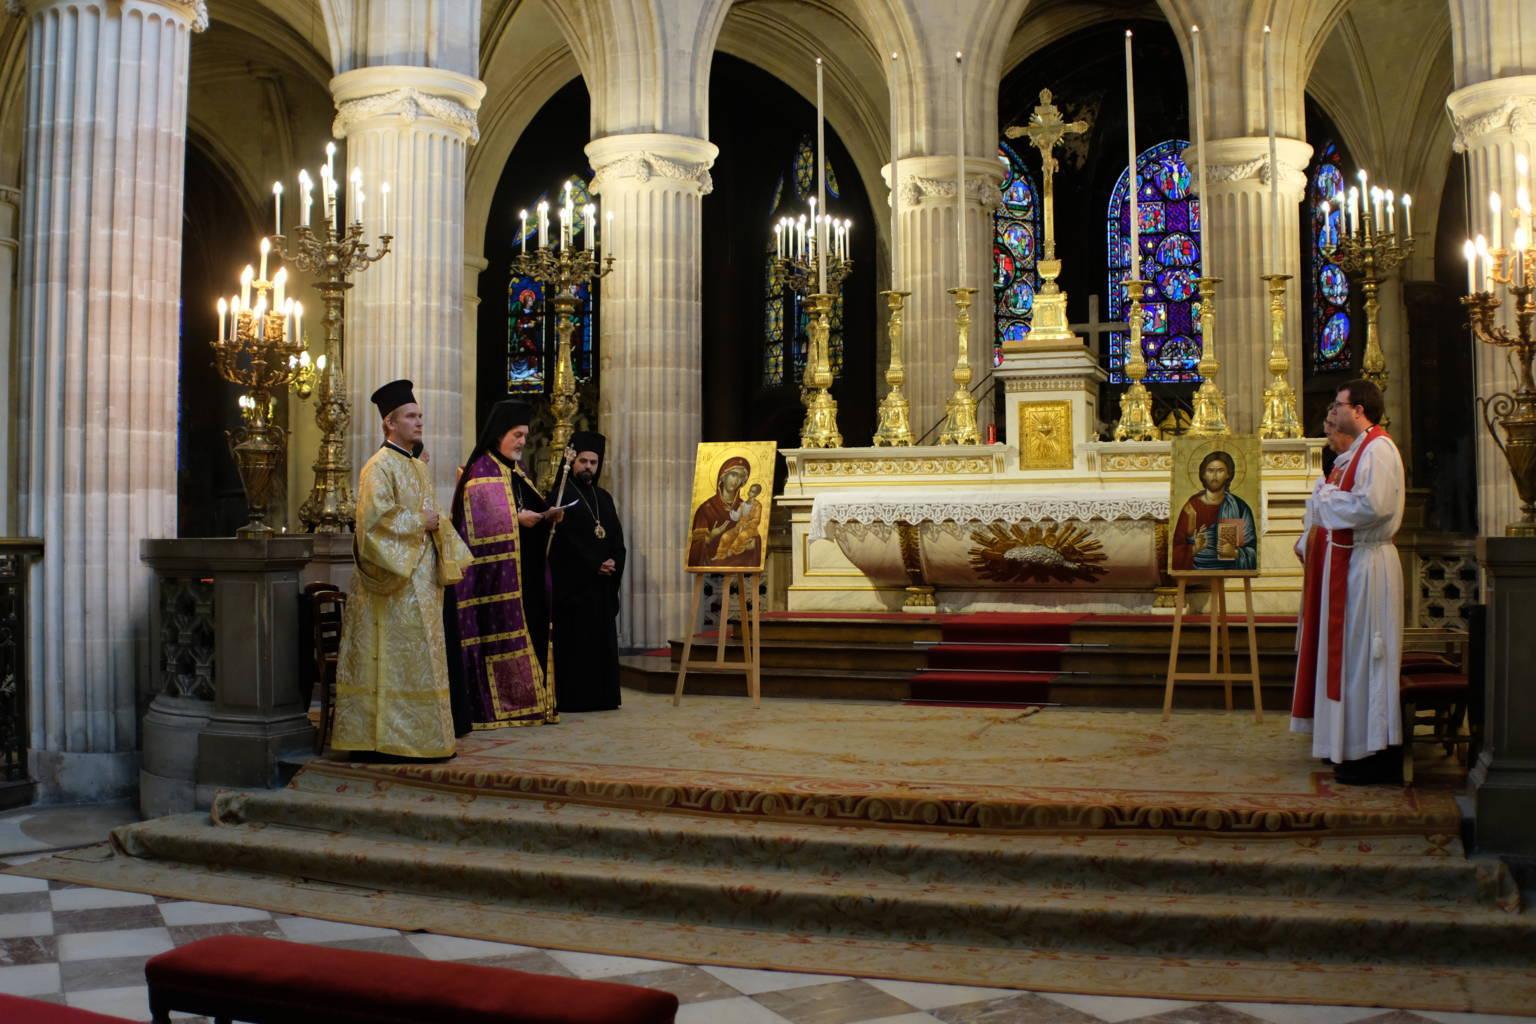 DSCF2002 - Παρίσι: Ορθόδοξος Εσπερινός στον Άγιο Γερμανό Λούβρου